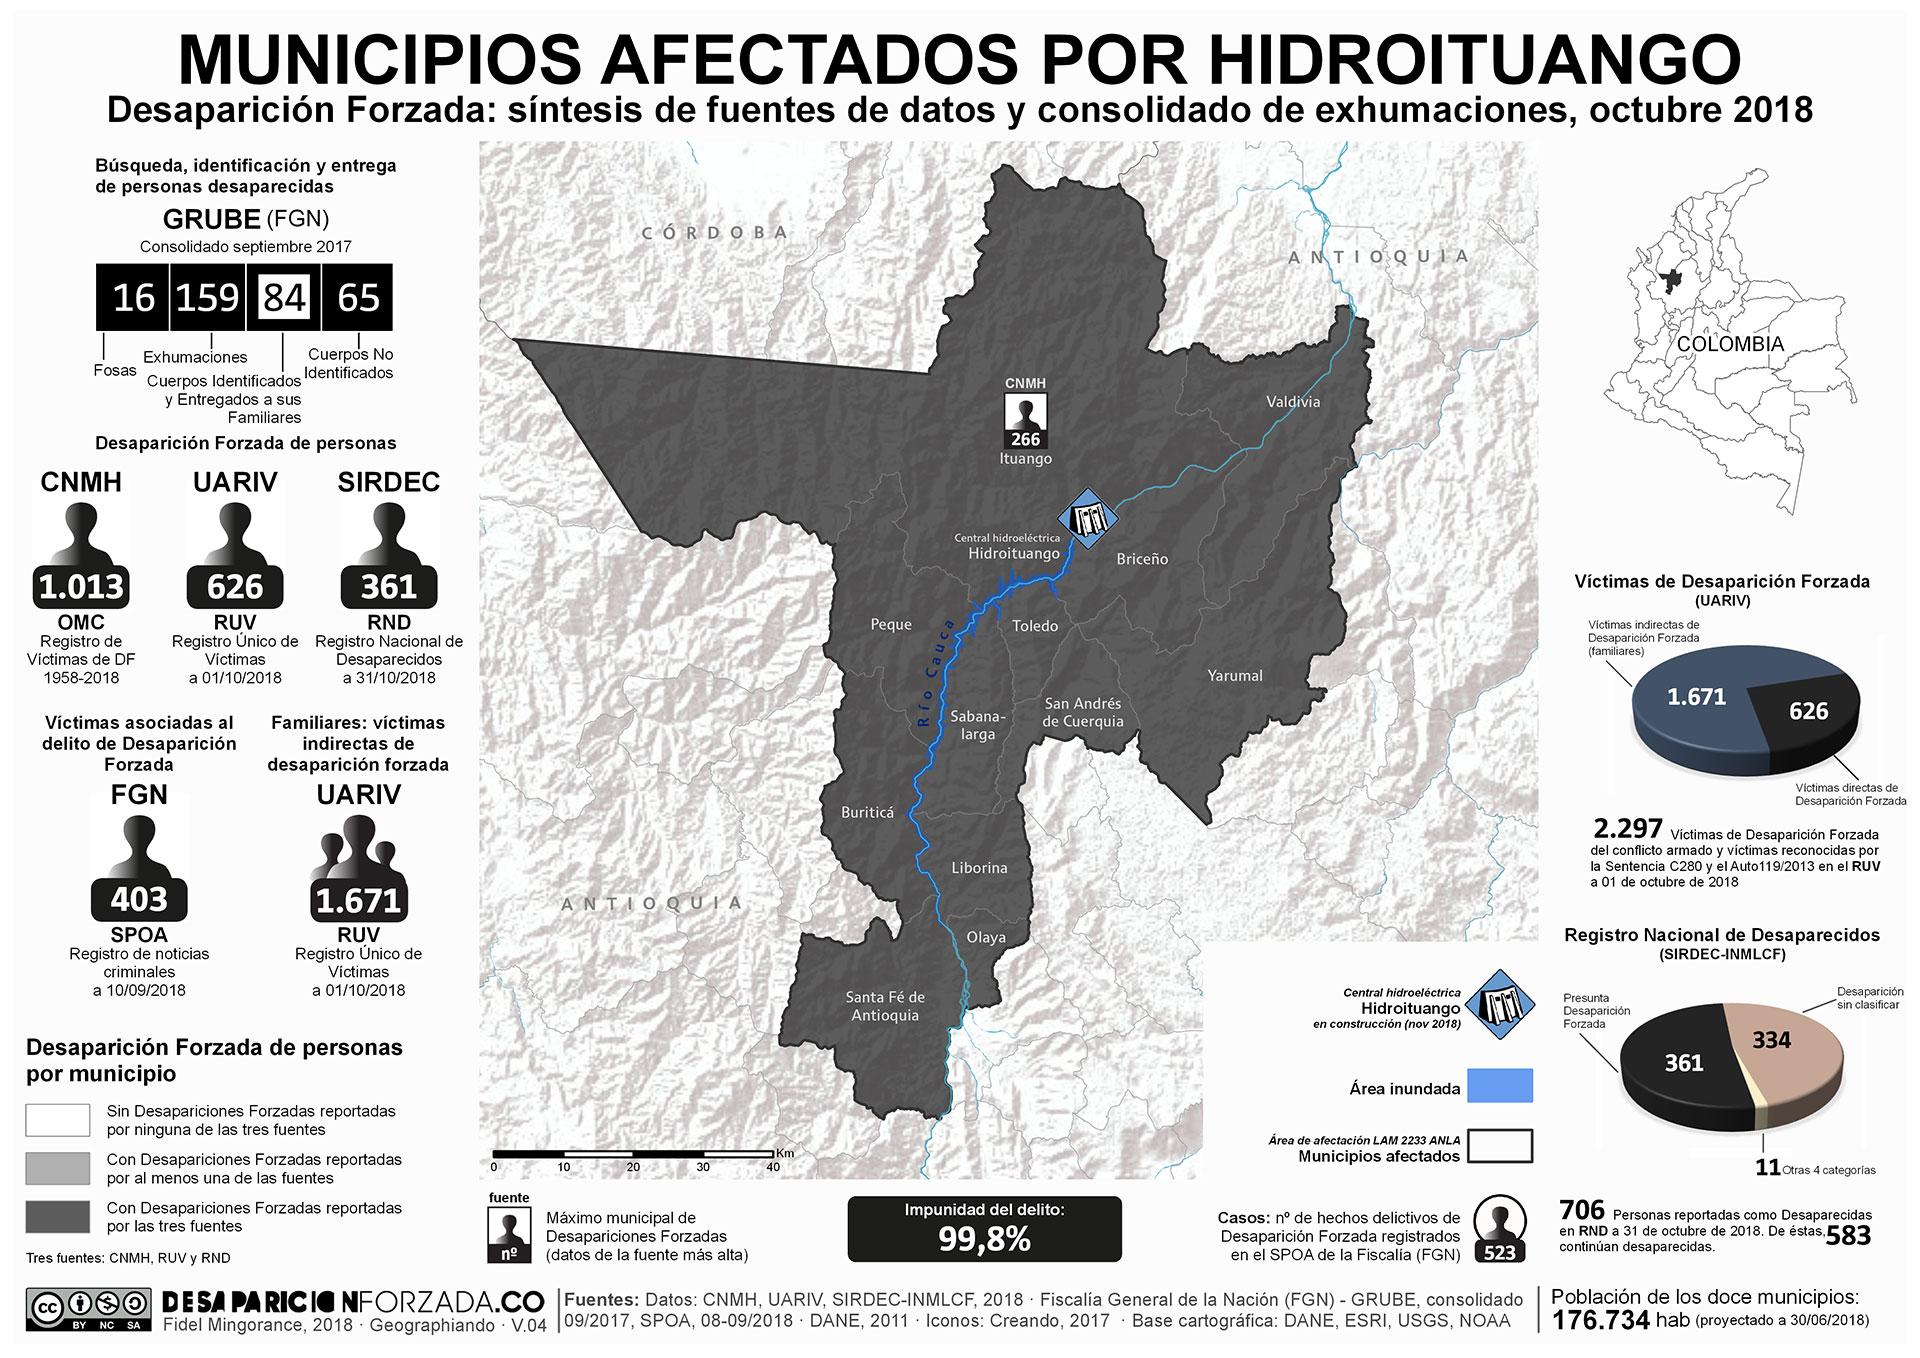 desaparicion forzada municipios afectados hidroituango mapa sintesis datos y exhumaciones octubre 2018